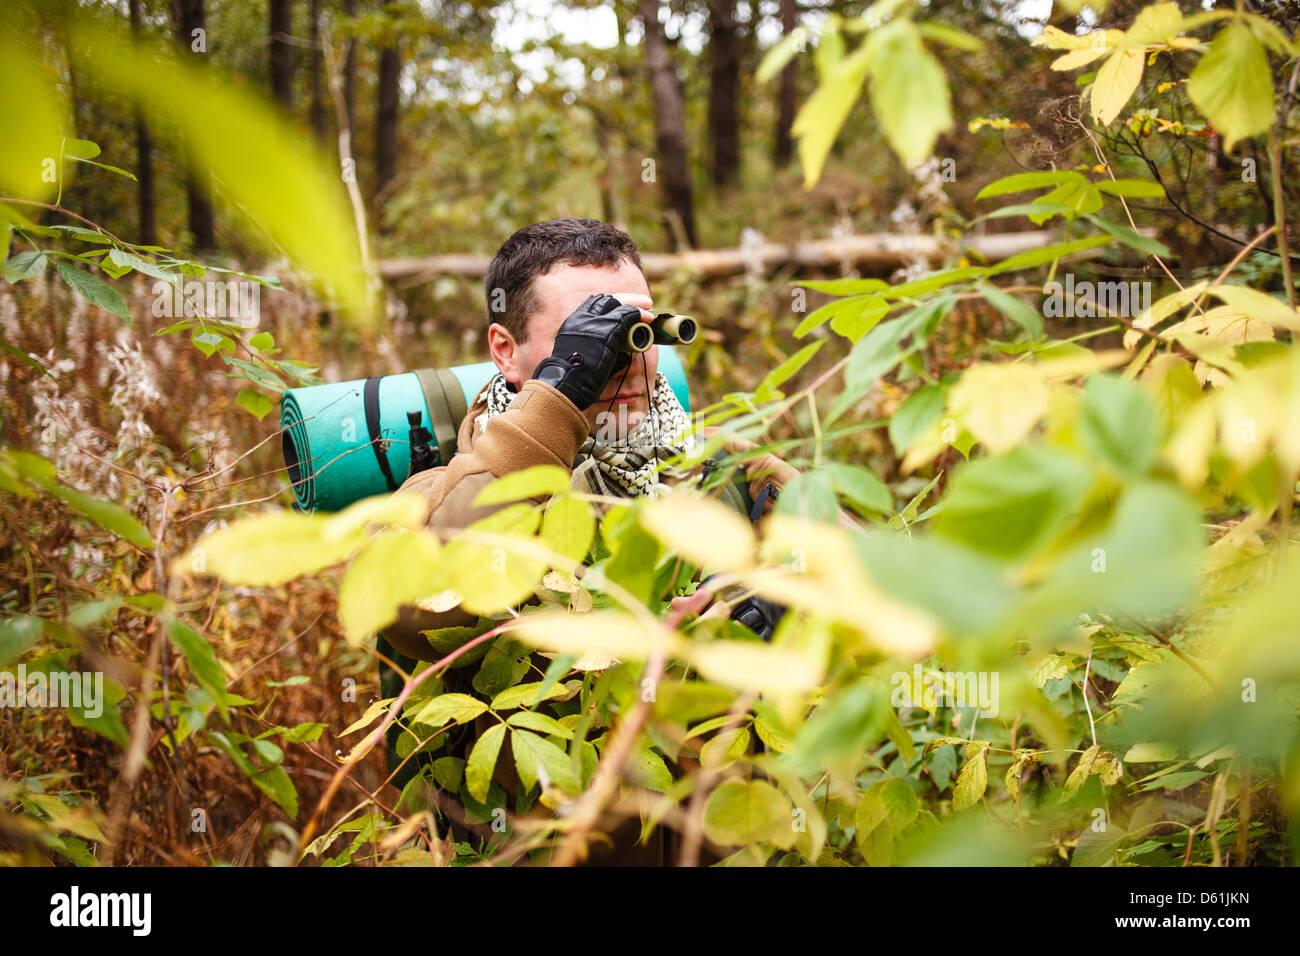 Hombre con binoculares en una selva. Imagen De Stock